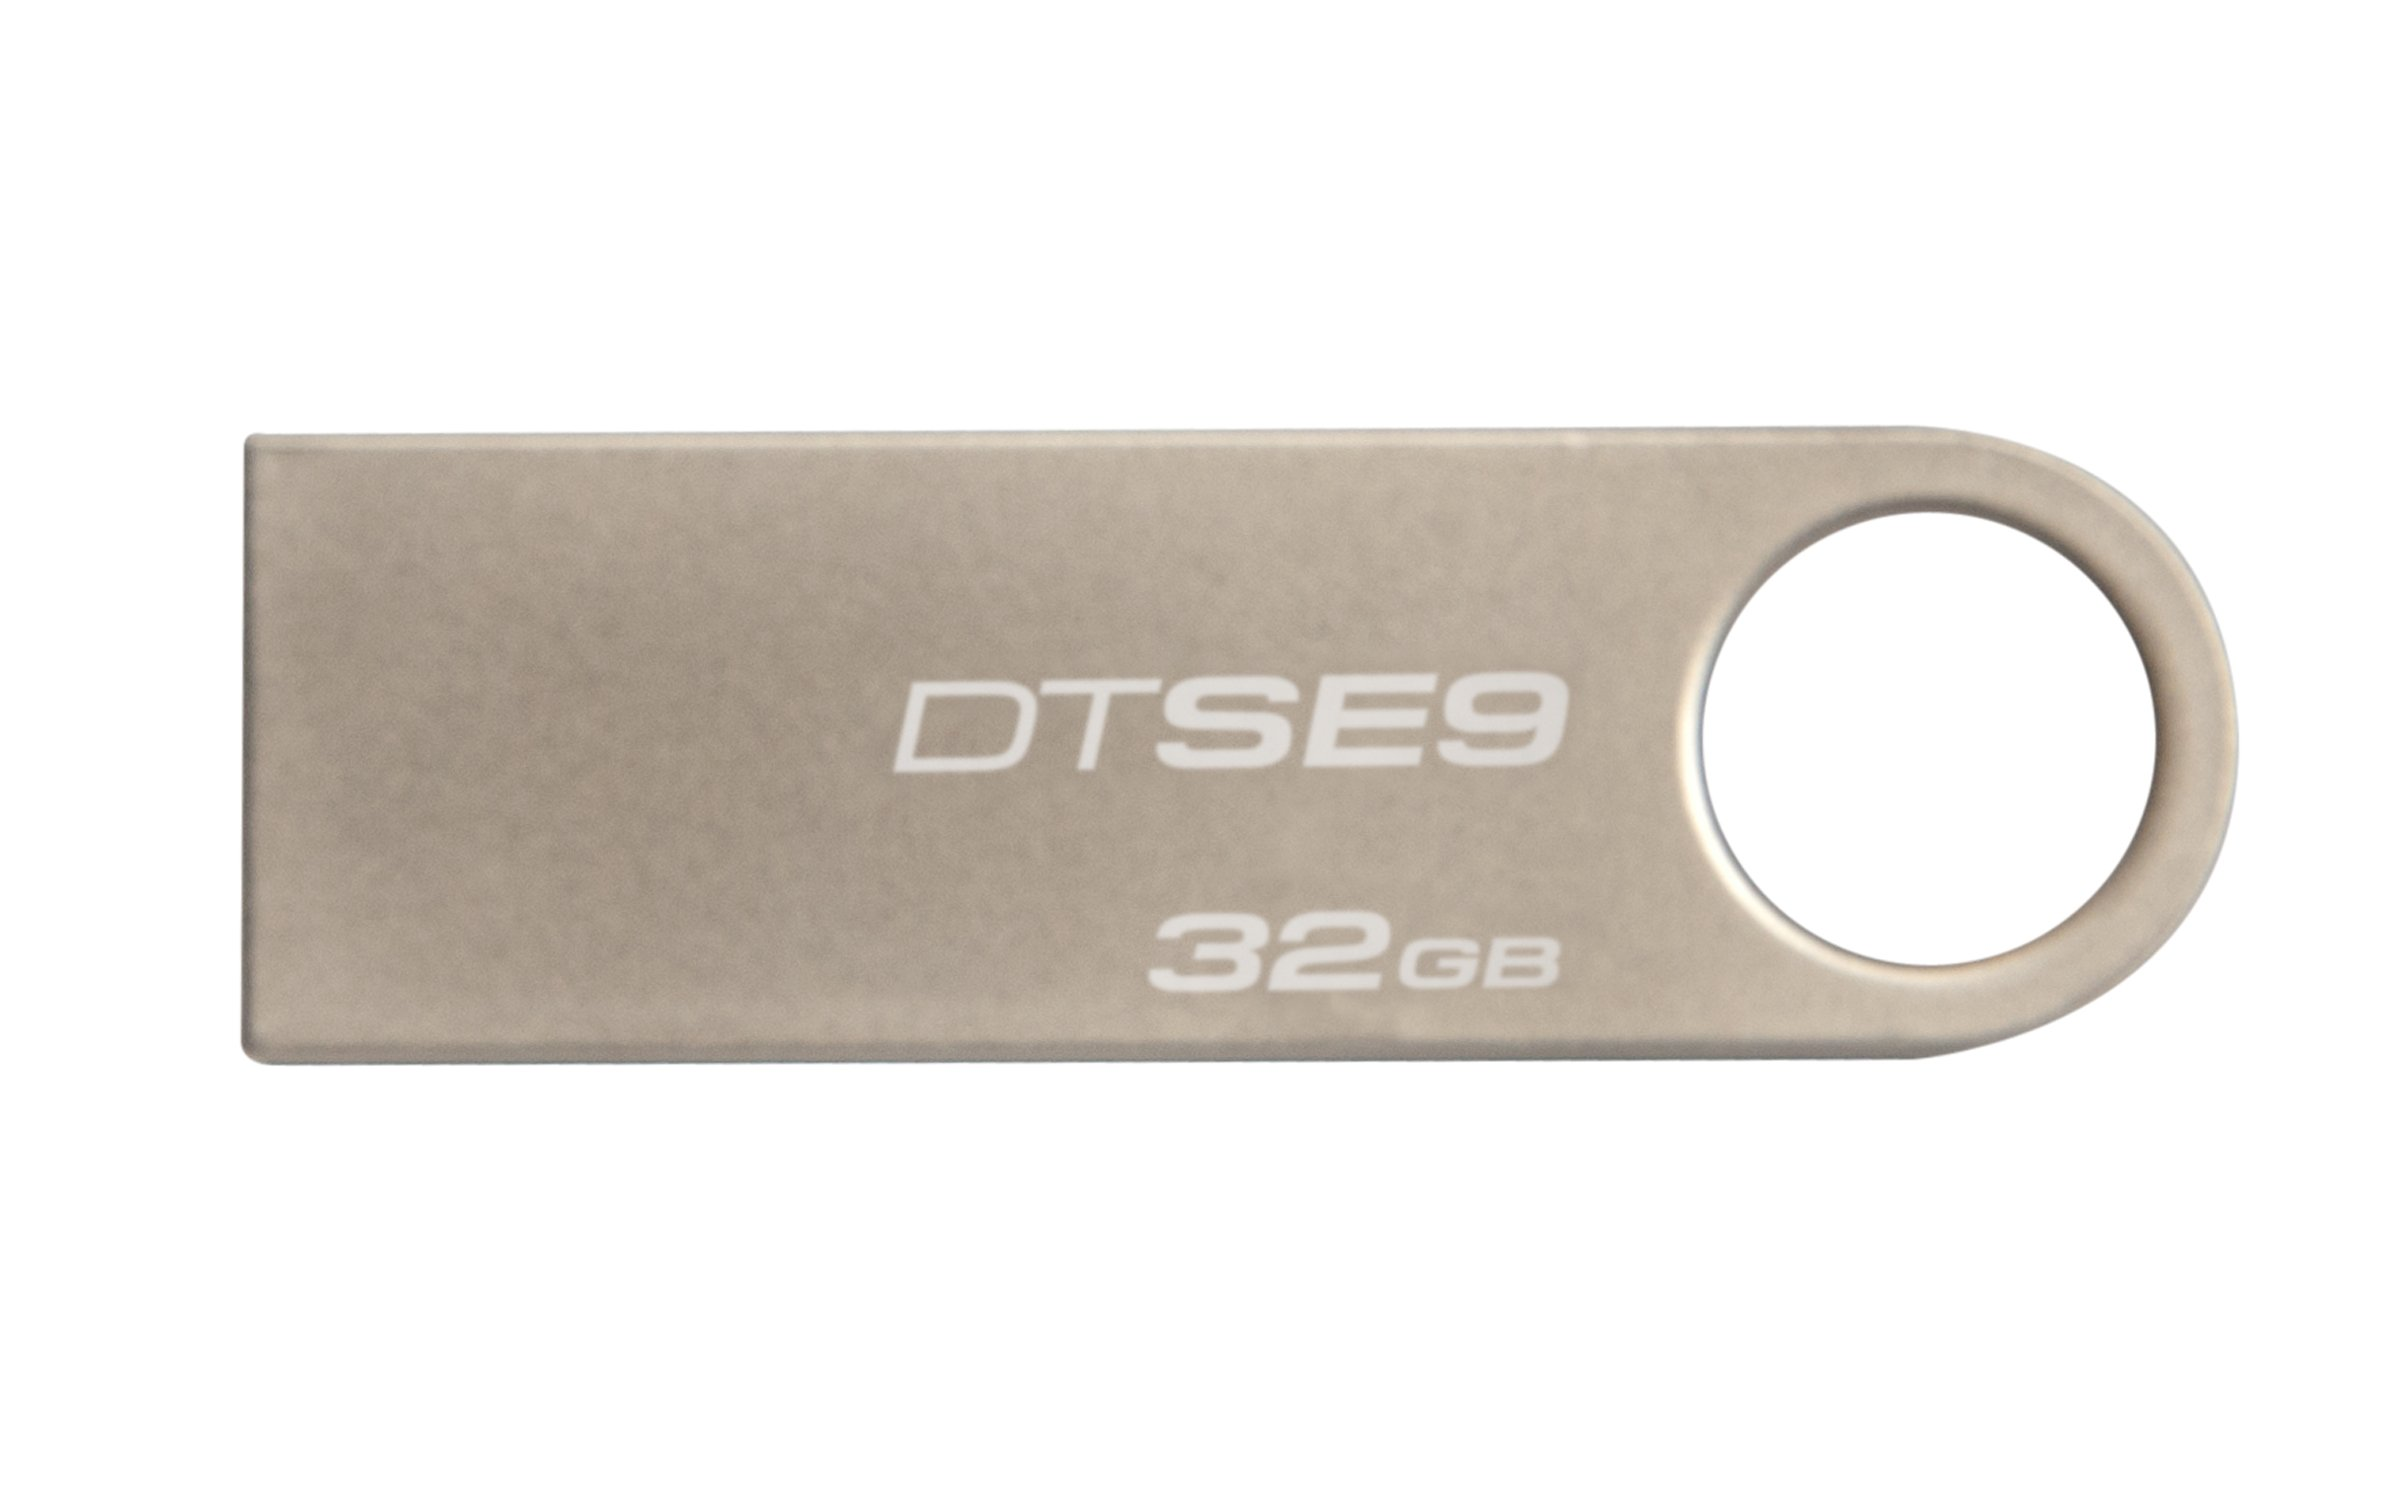 Kingston Digital 32GB DataTraveler SE9 USB 2.0 Flash Drive, 2 Pack (KW-U4632Z02-8A)